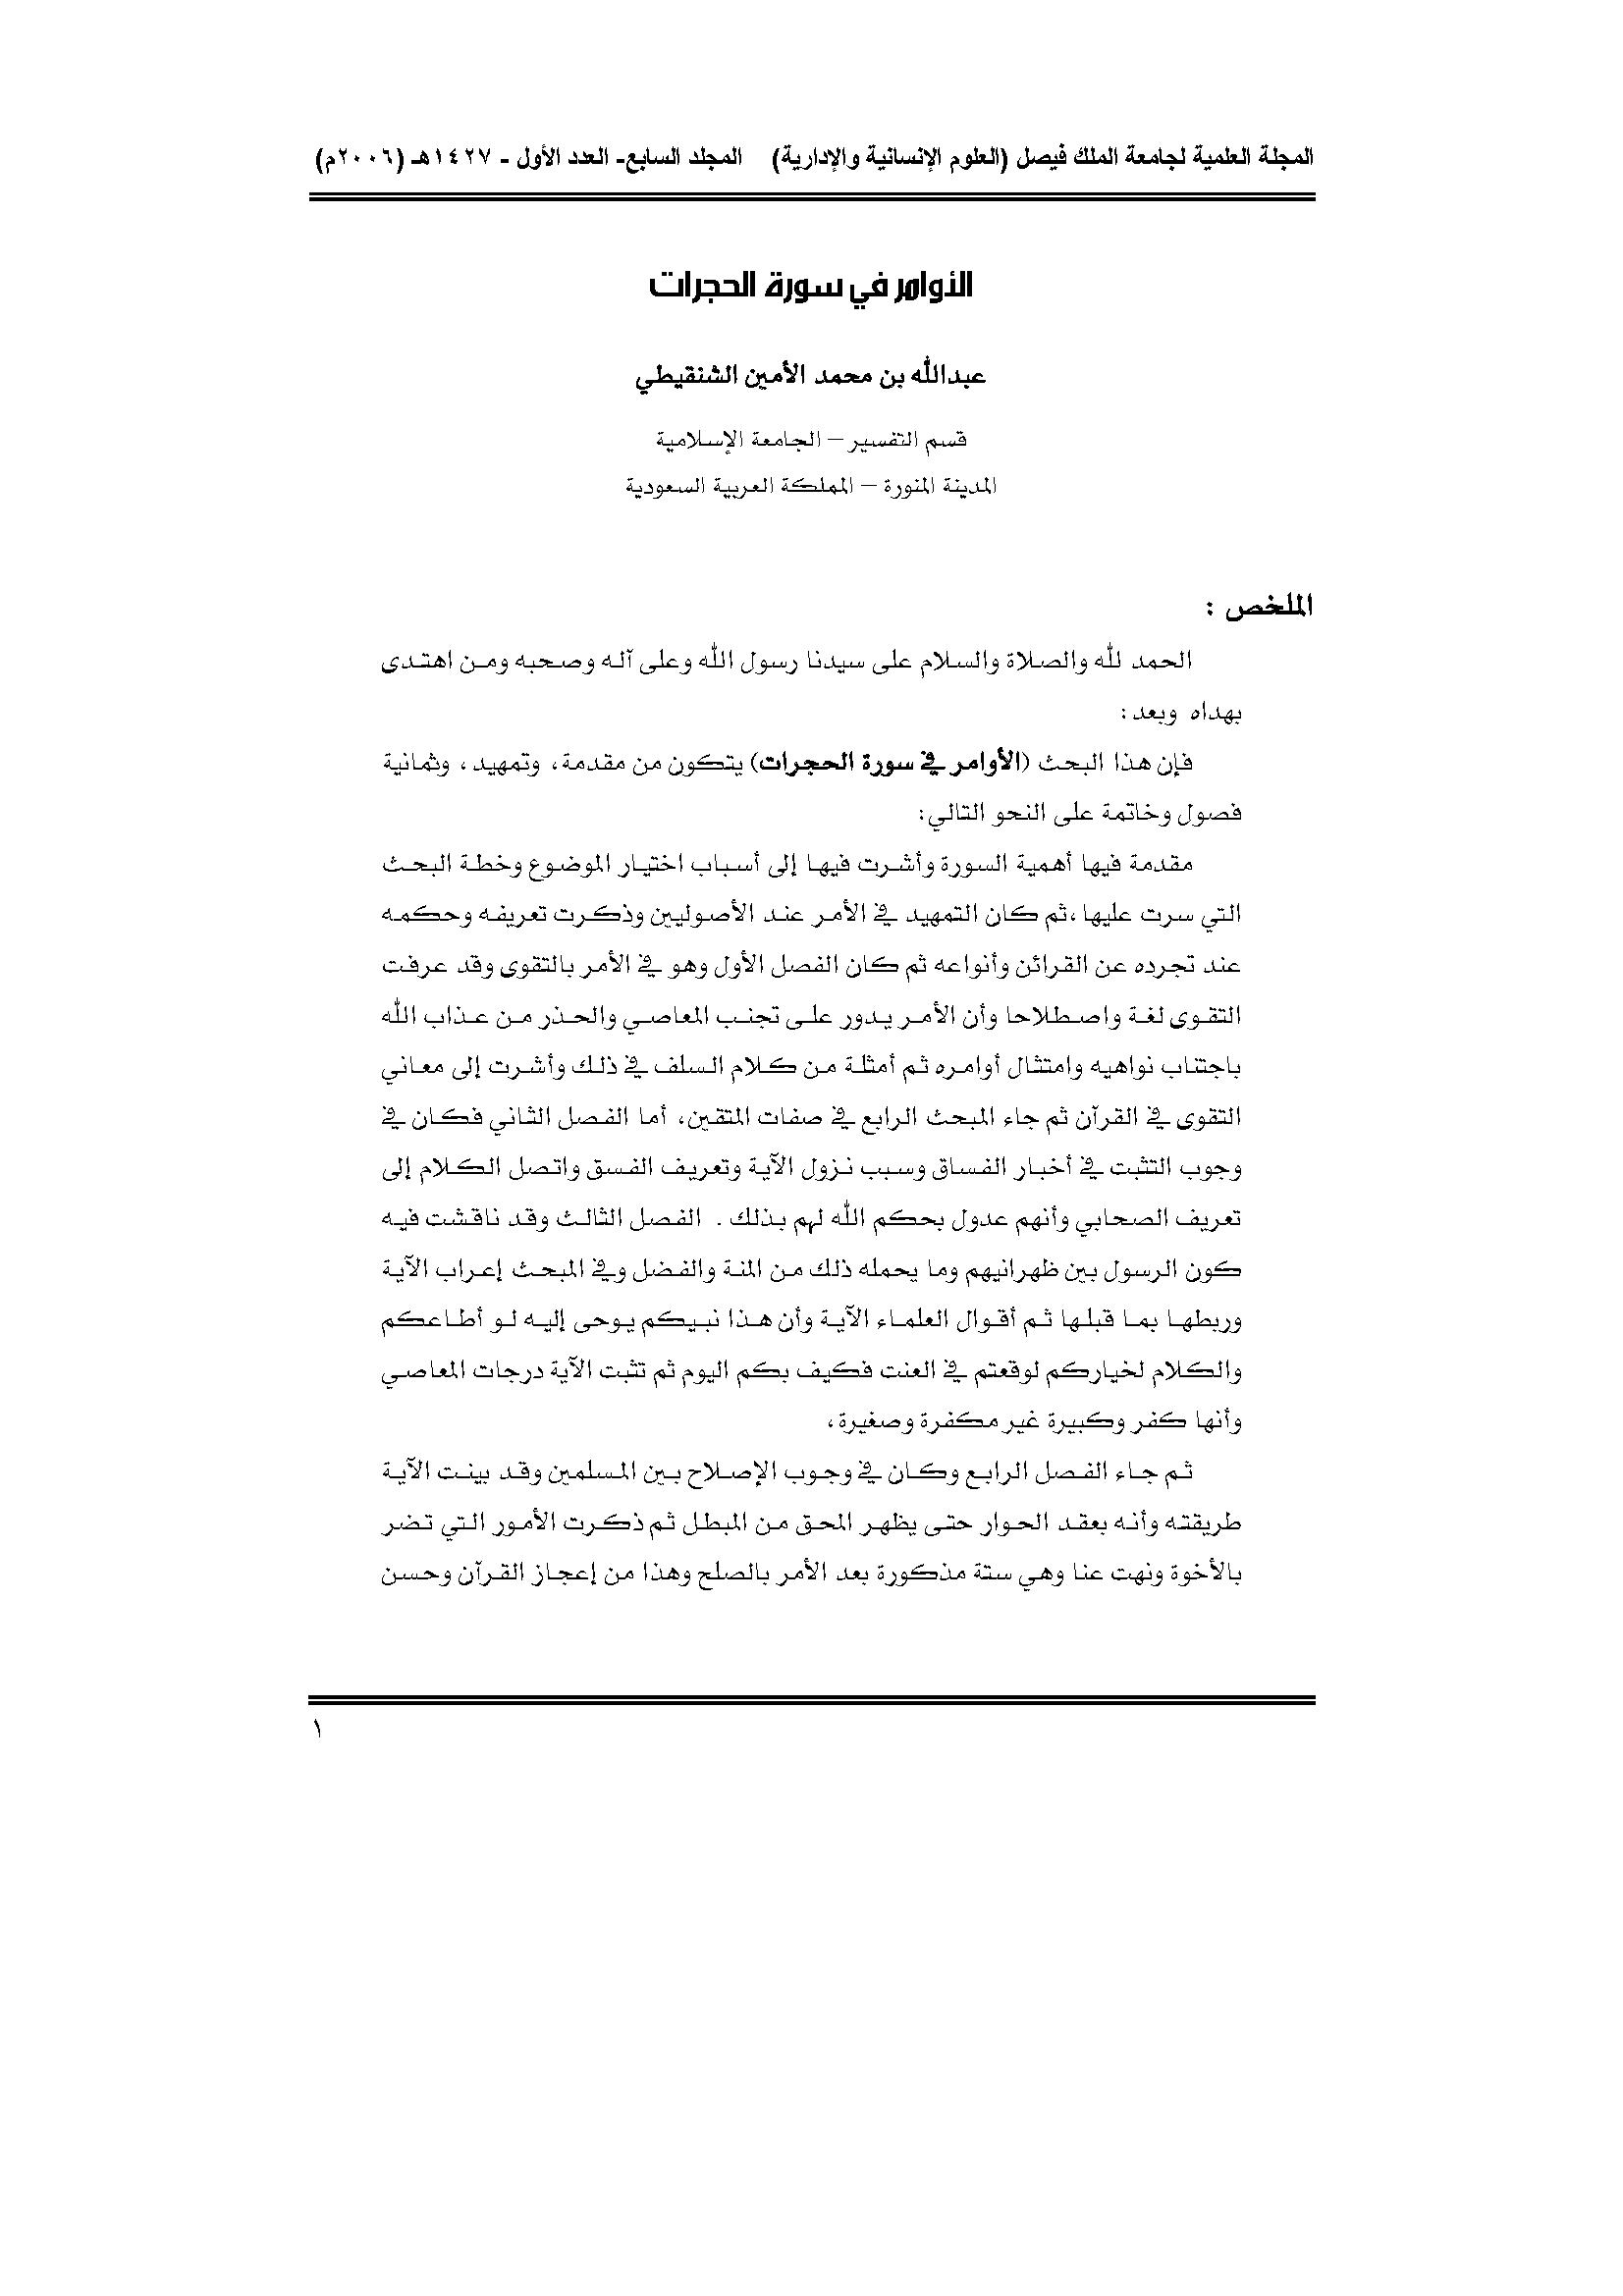 تحميل كتاب الأوامر في سورة الحجرات لـِ: الدكتور عبد الله بن محمد الأمين الشنقيطي